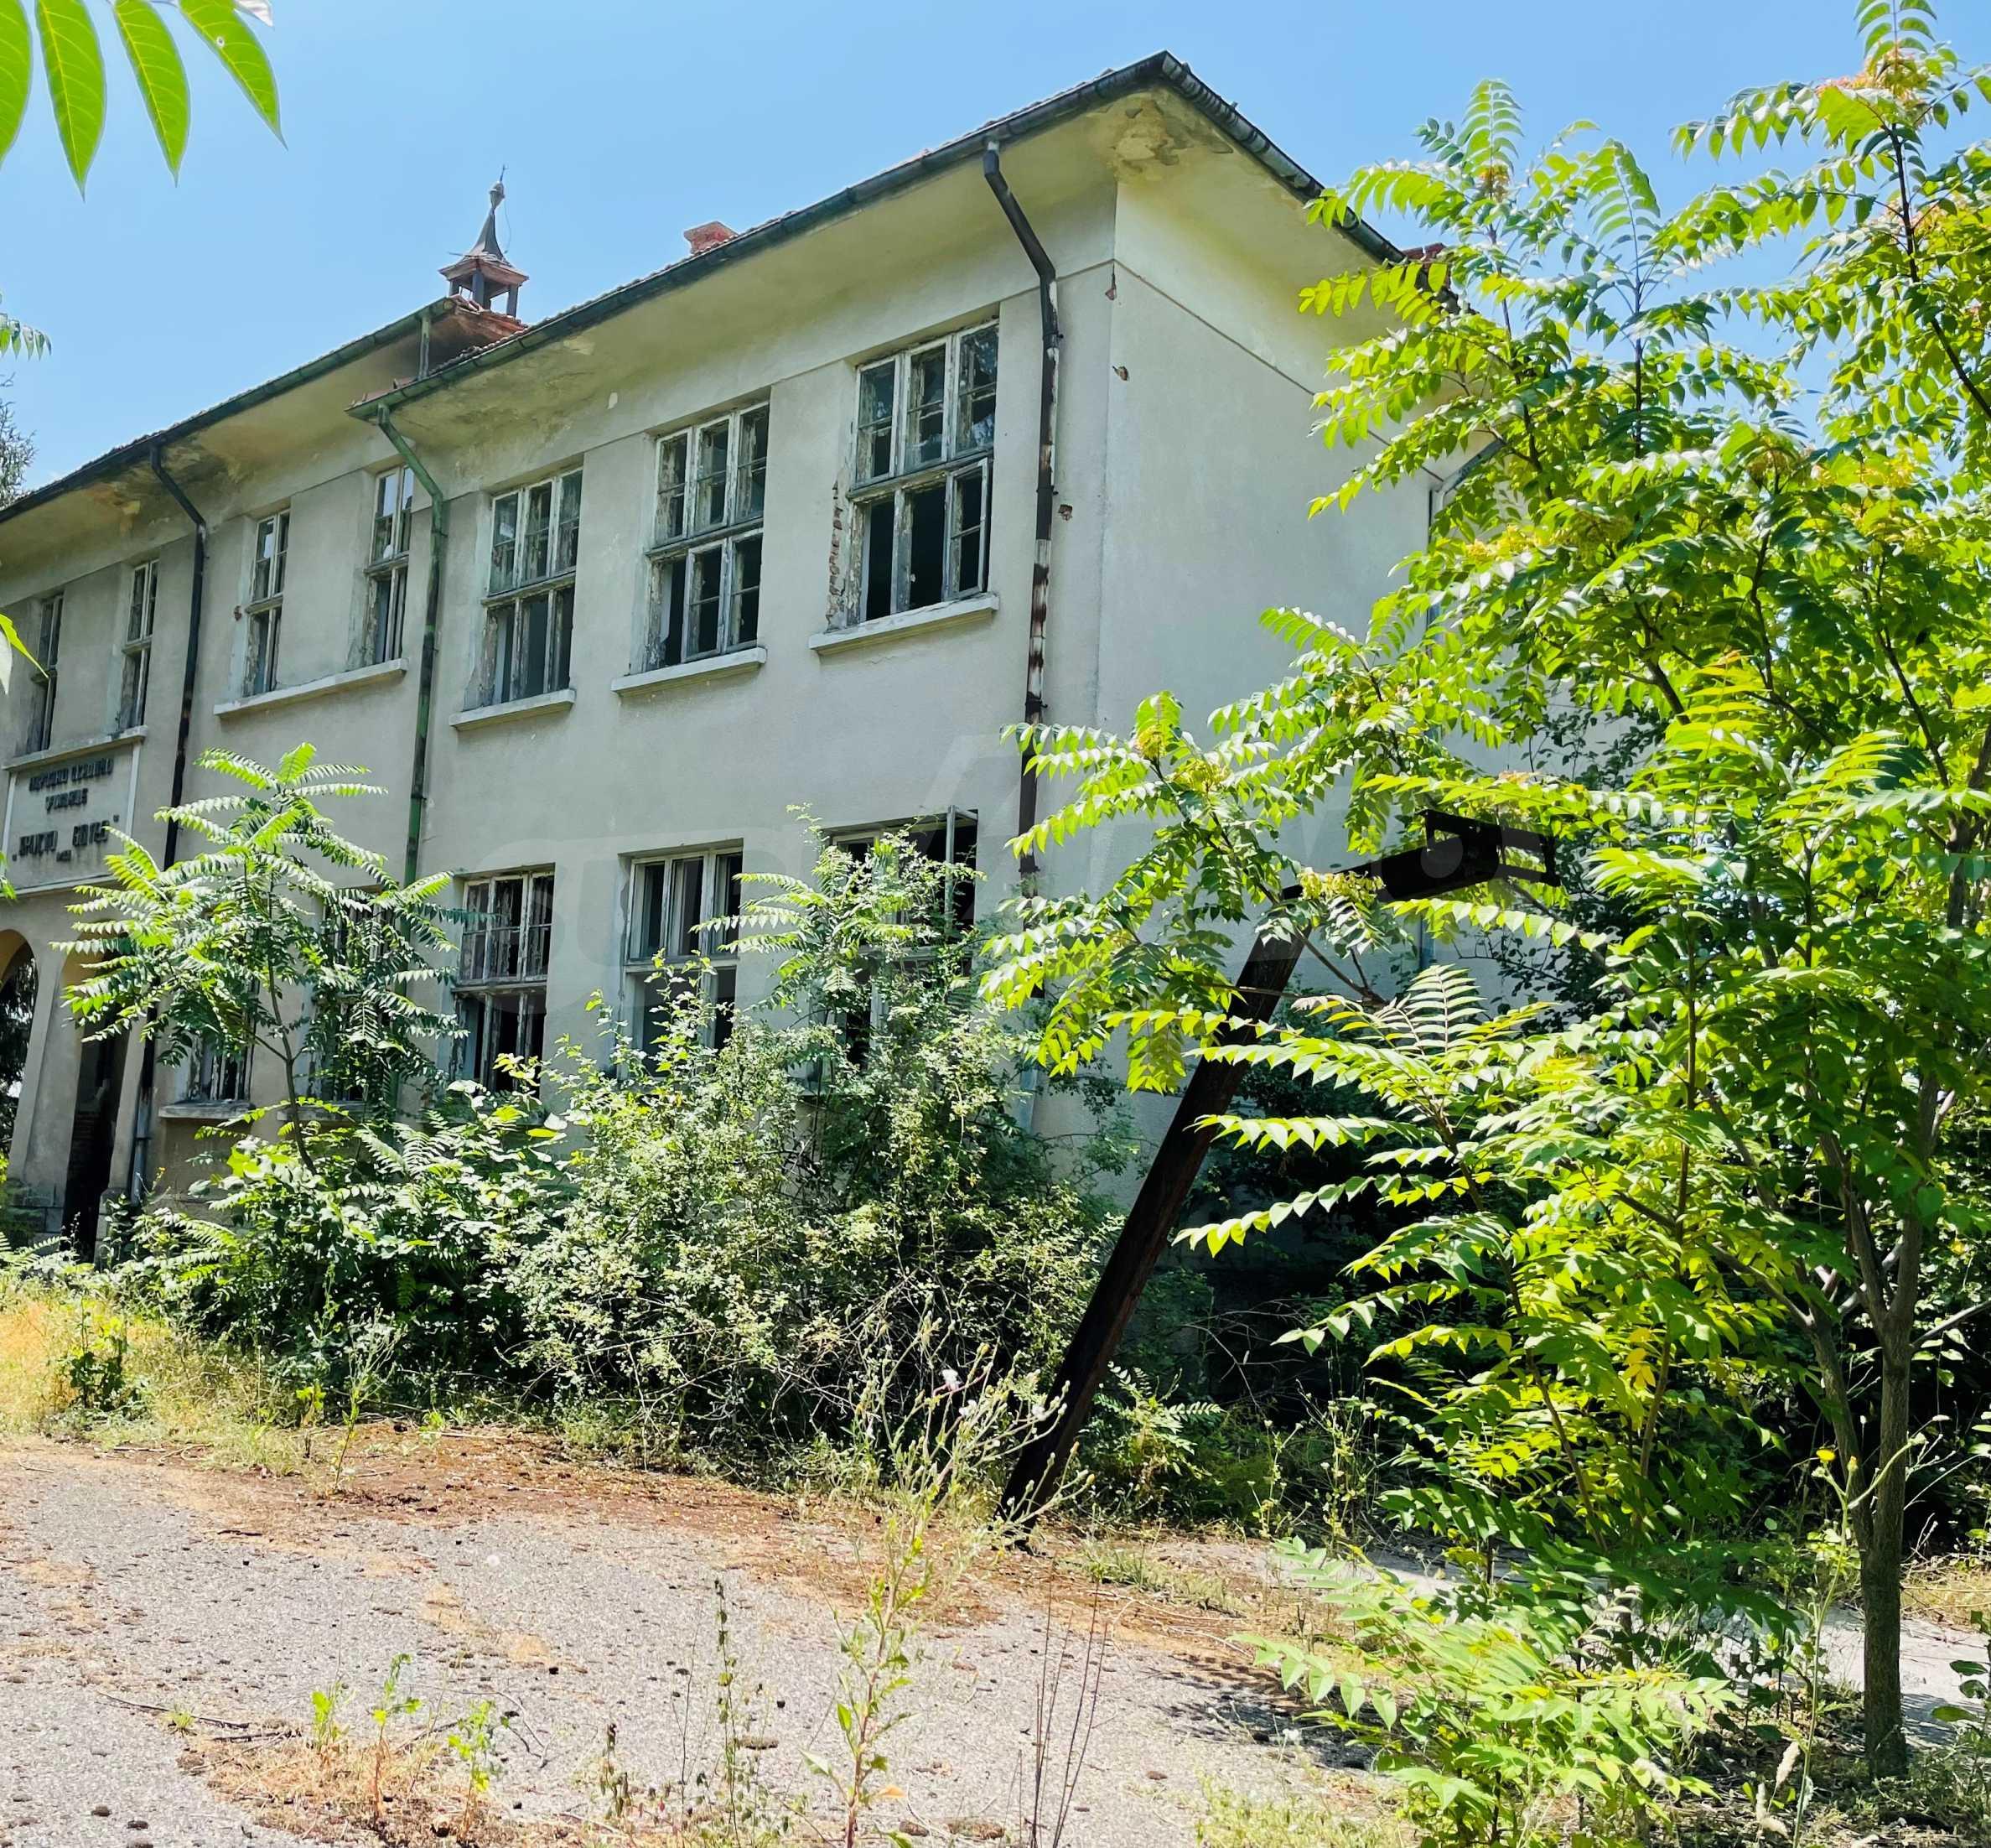 Zwei massive Gebäude auf einem großen Grundstück 35 km von der Stadt Russe und der Donau entfernt 4